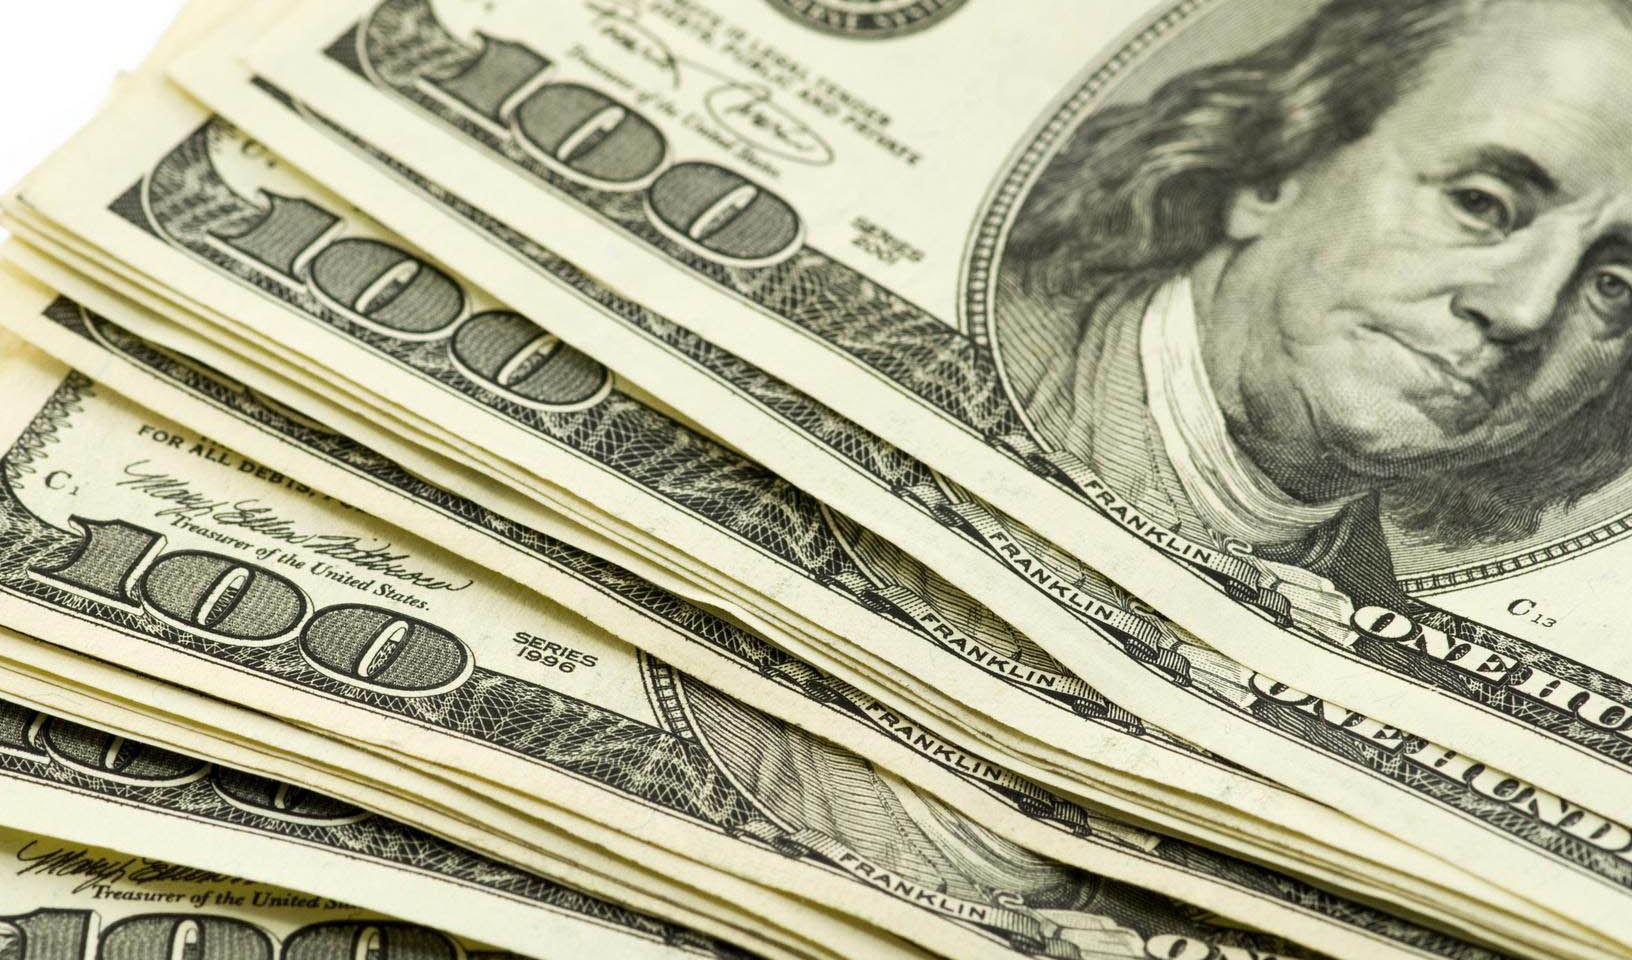 کاهش قیمت دلار در اولین روز پاییز